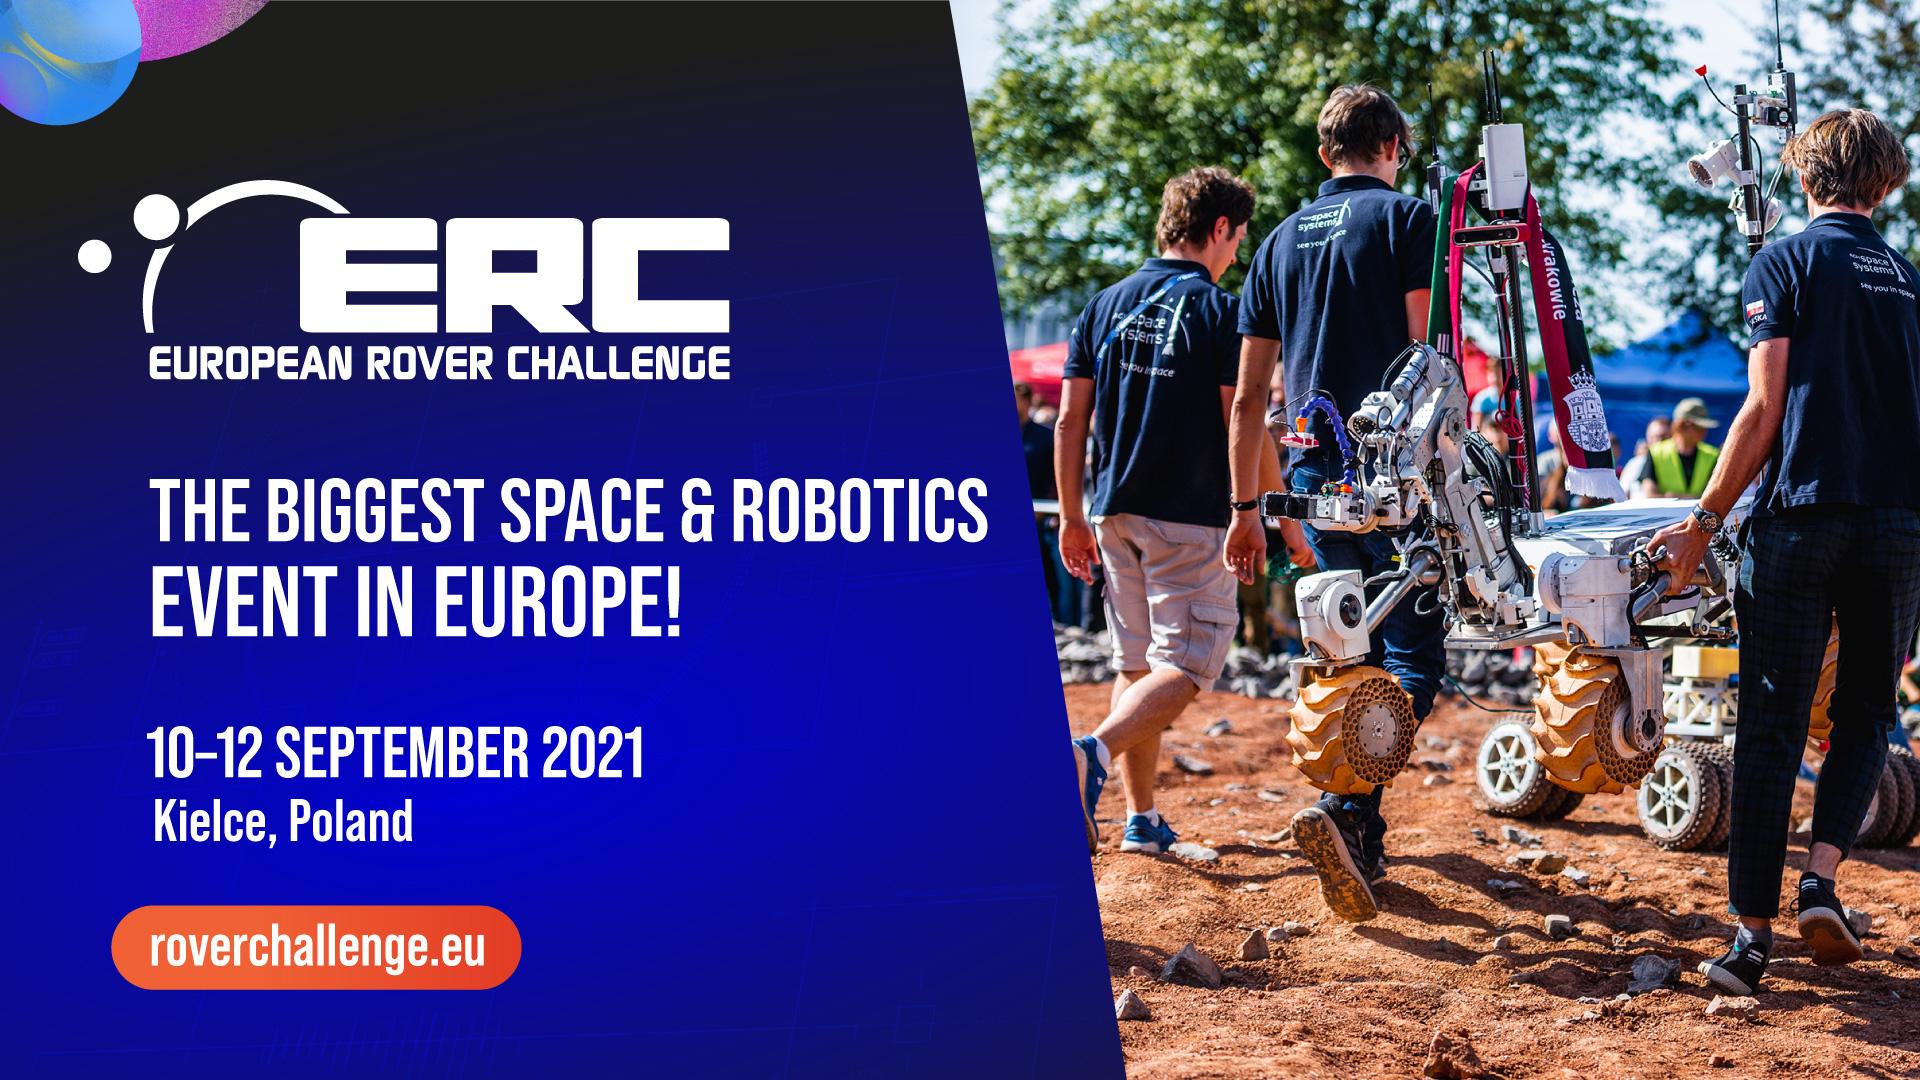 Zapraszamy na ERC 2021 European Rover Challenge wspierane technologicznie przez PCSS